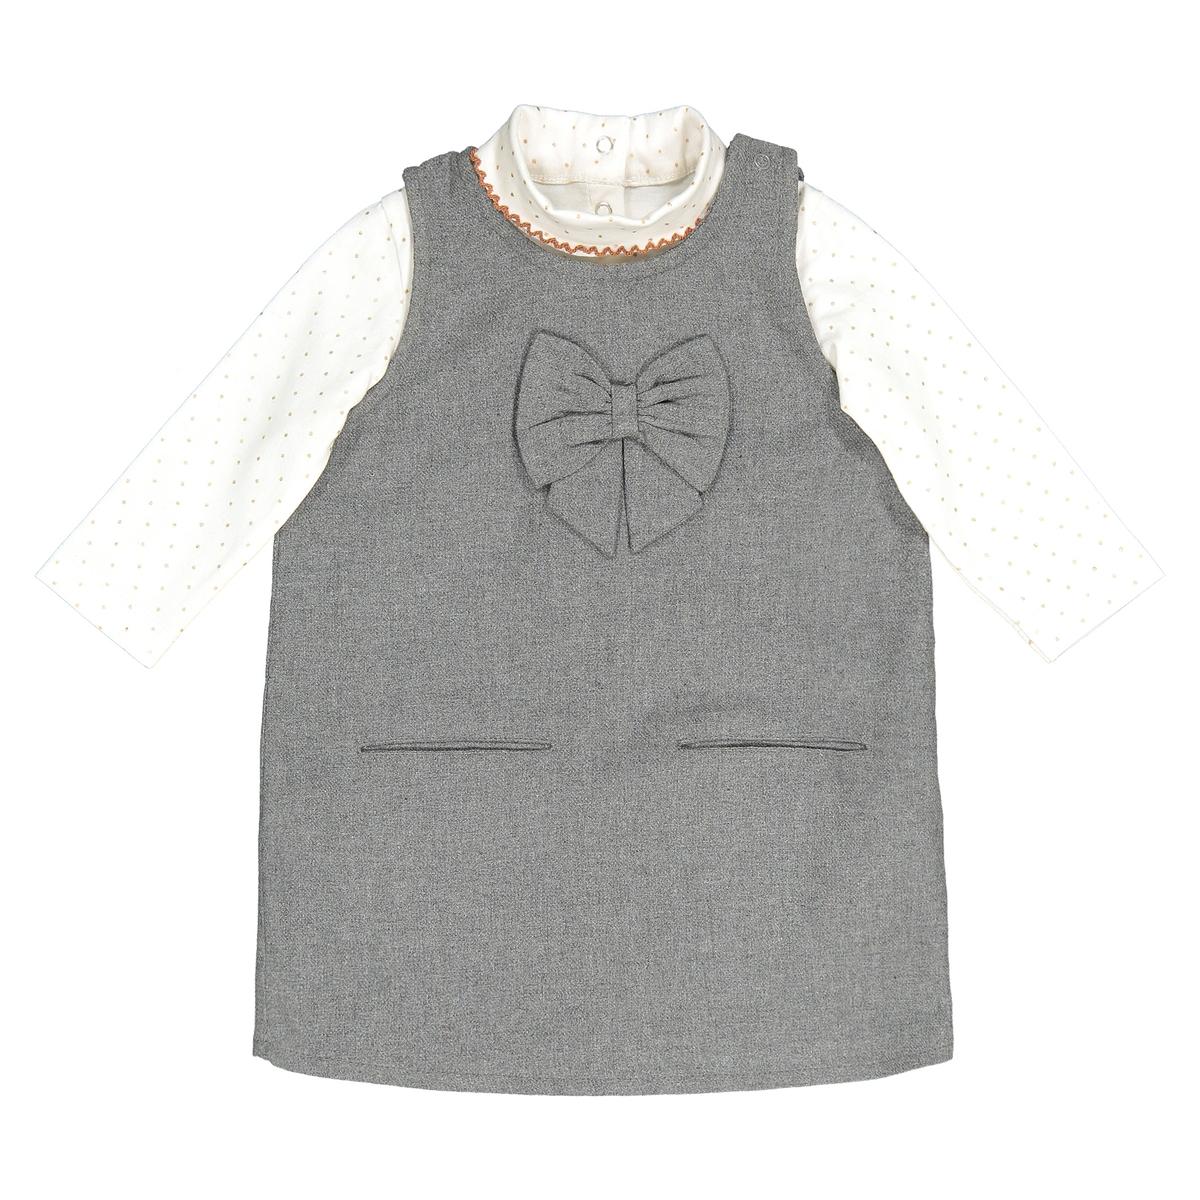 Комплект из платья и футболки, 1 мес. - 3 года велосипед stark vesta 26 1 s 2018